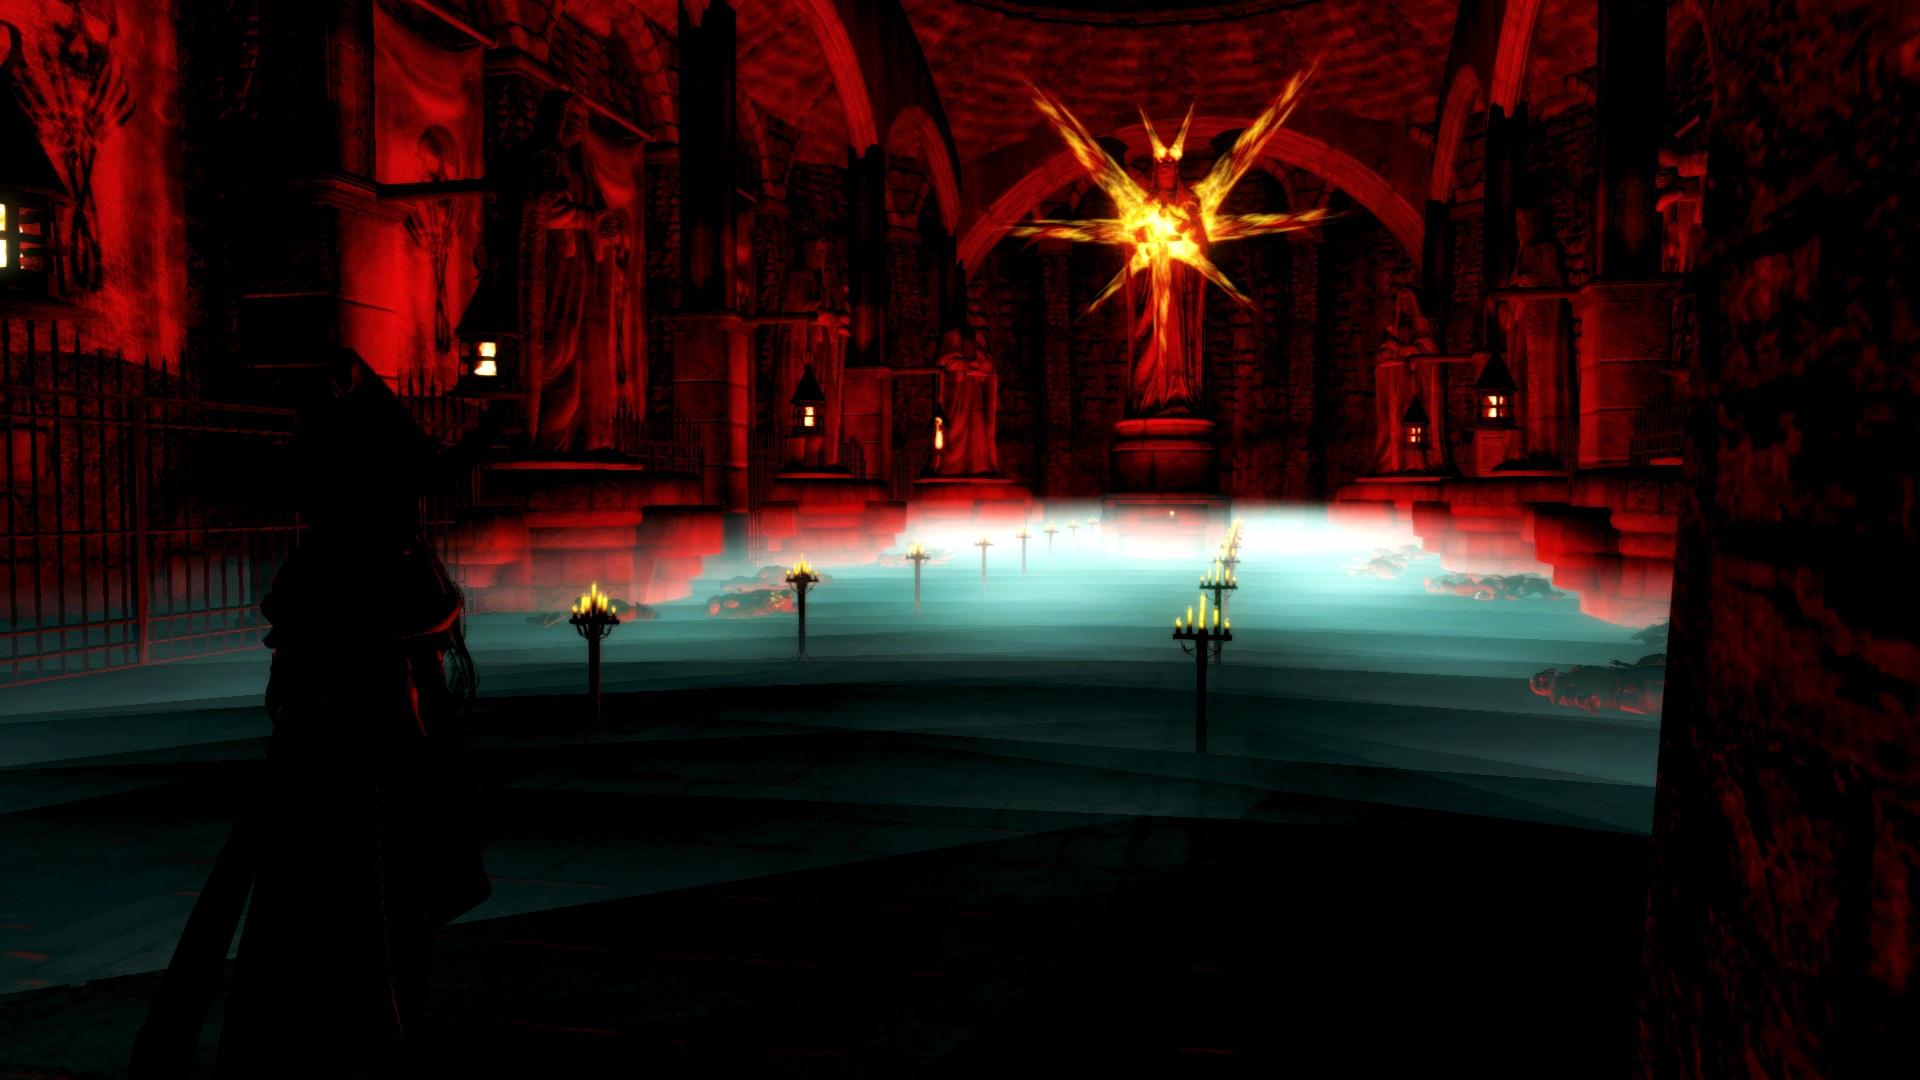 Oblivion 2012-04-28 23-58-16-25